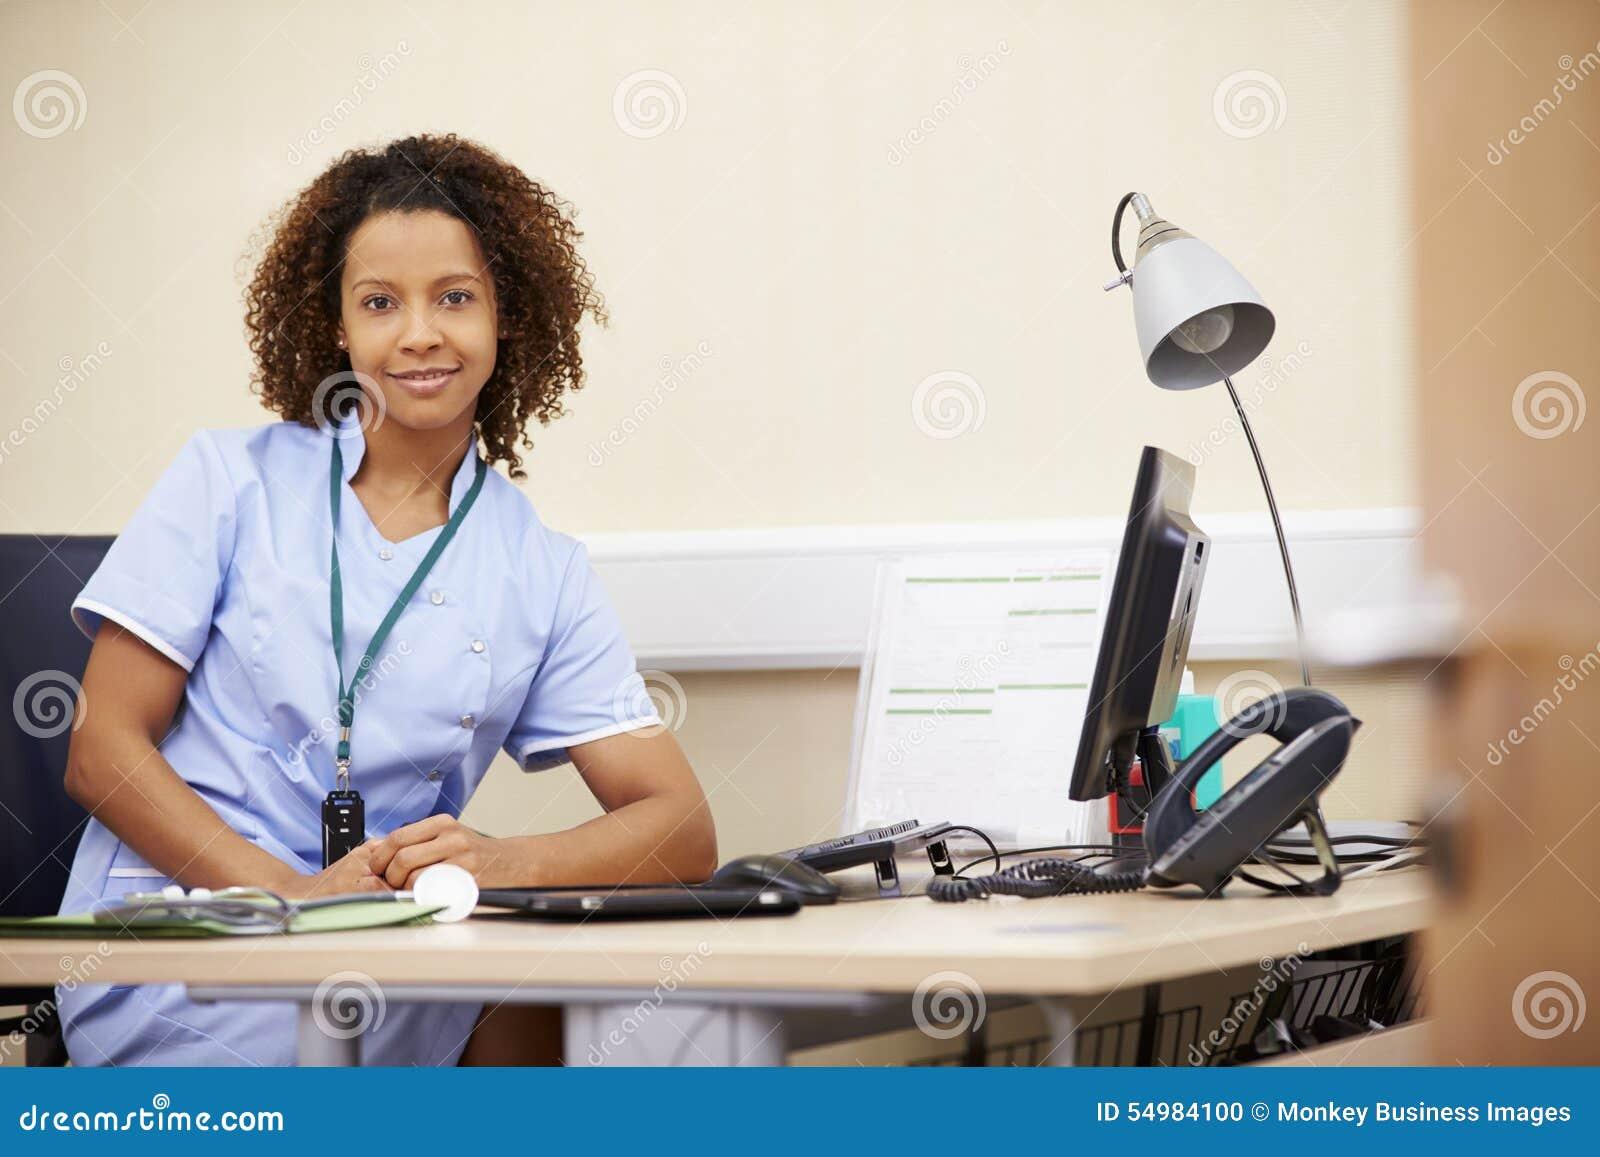 Stående av den kvinnliga sjuksköterskan Working At Desk i regeringsställning